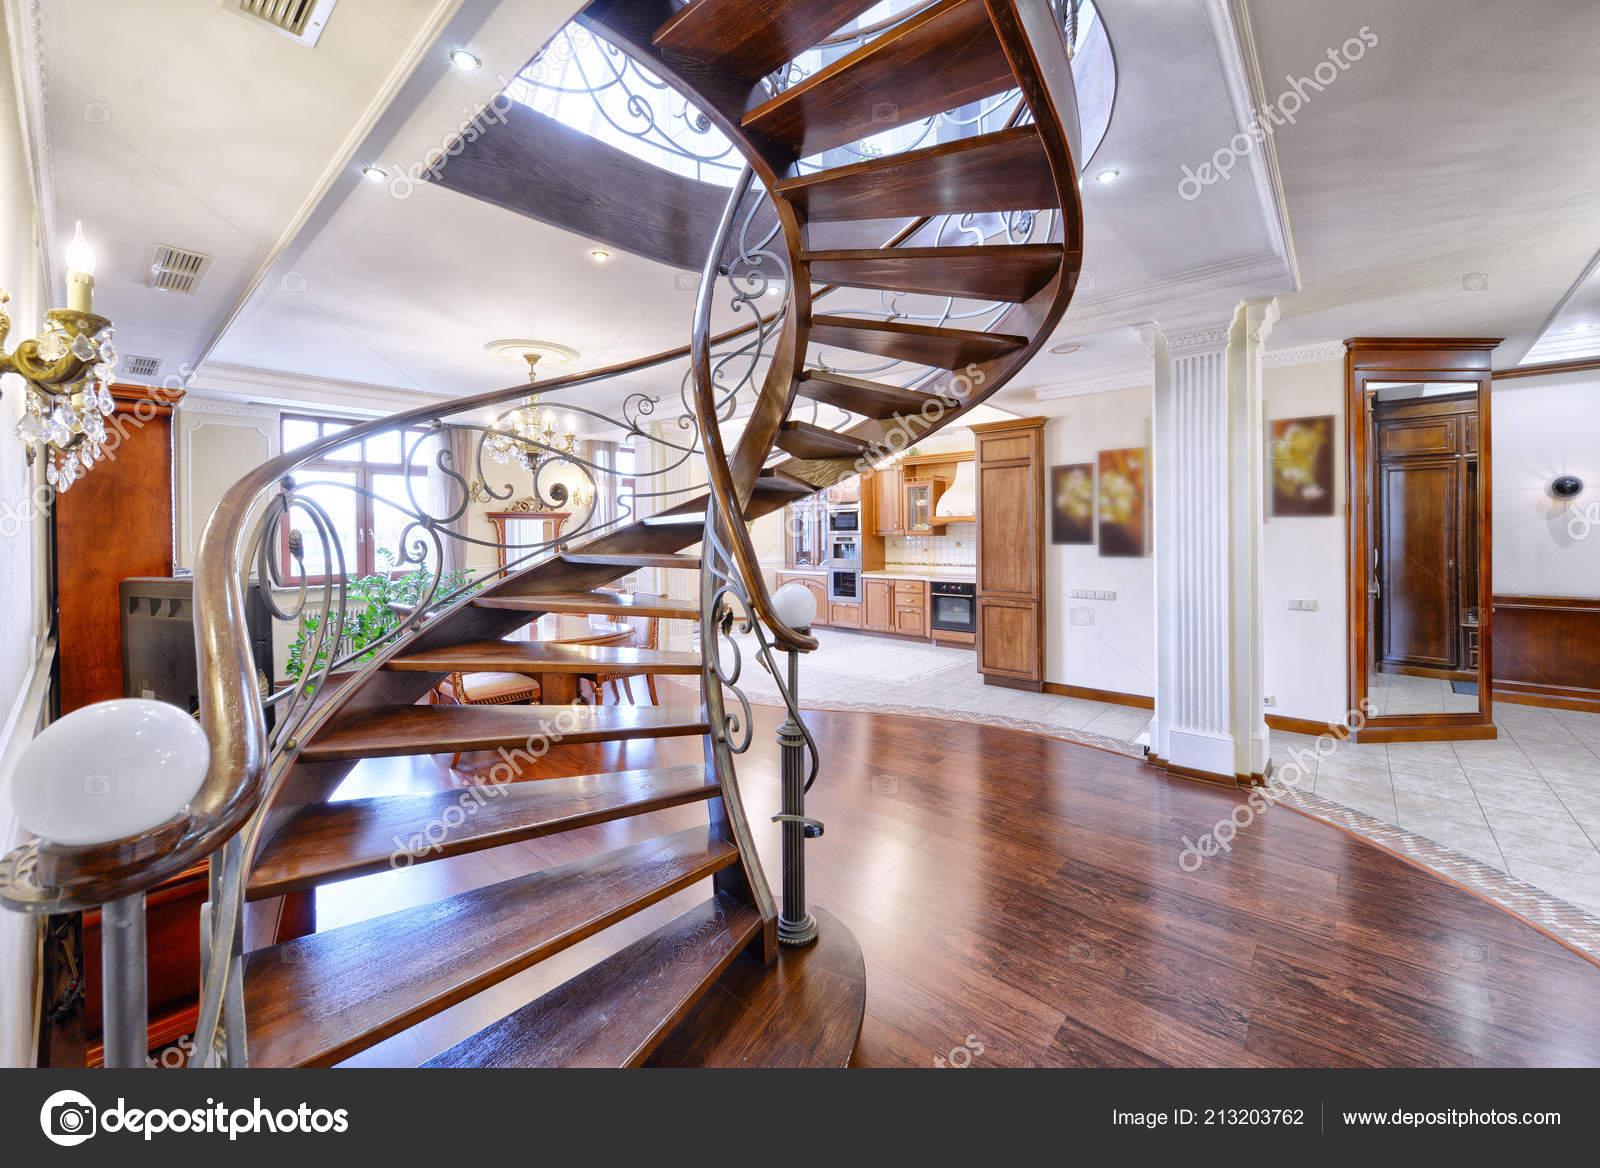 Maison Avec Passerelle Intérieure conception escaliers intérieur maison — photographie